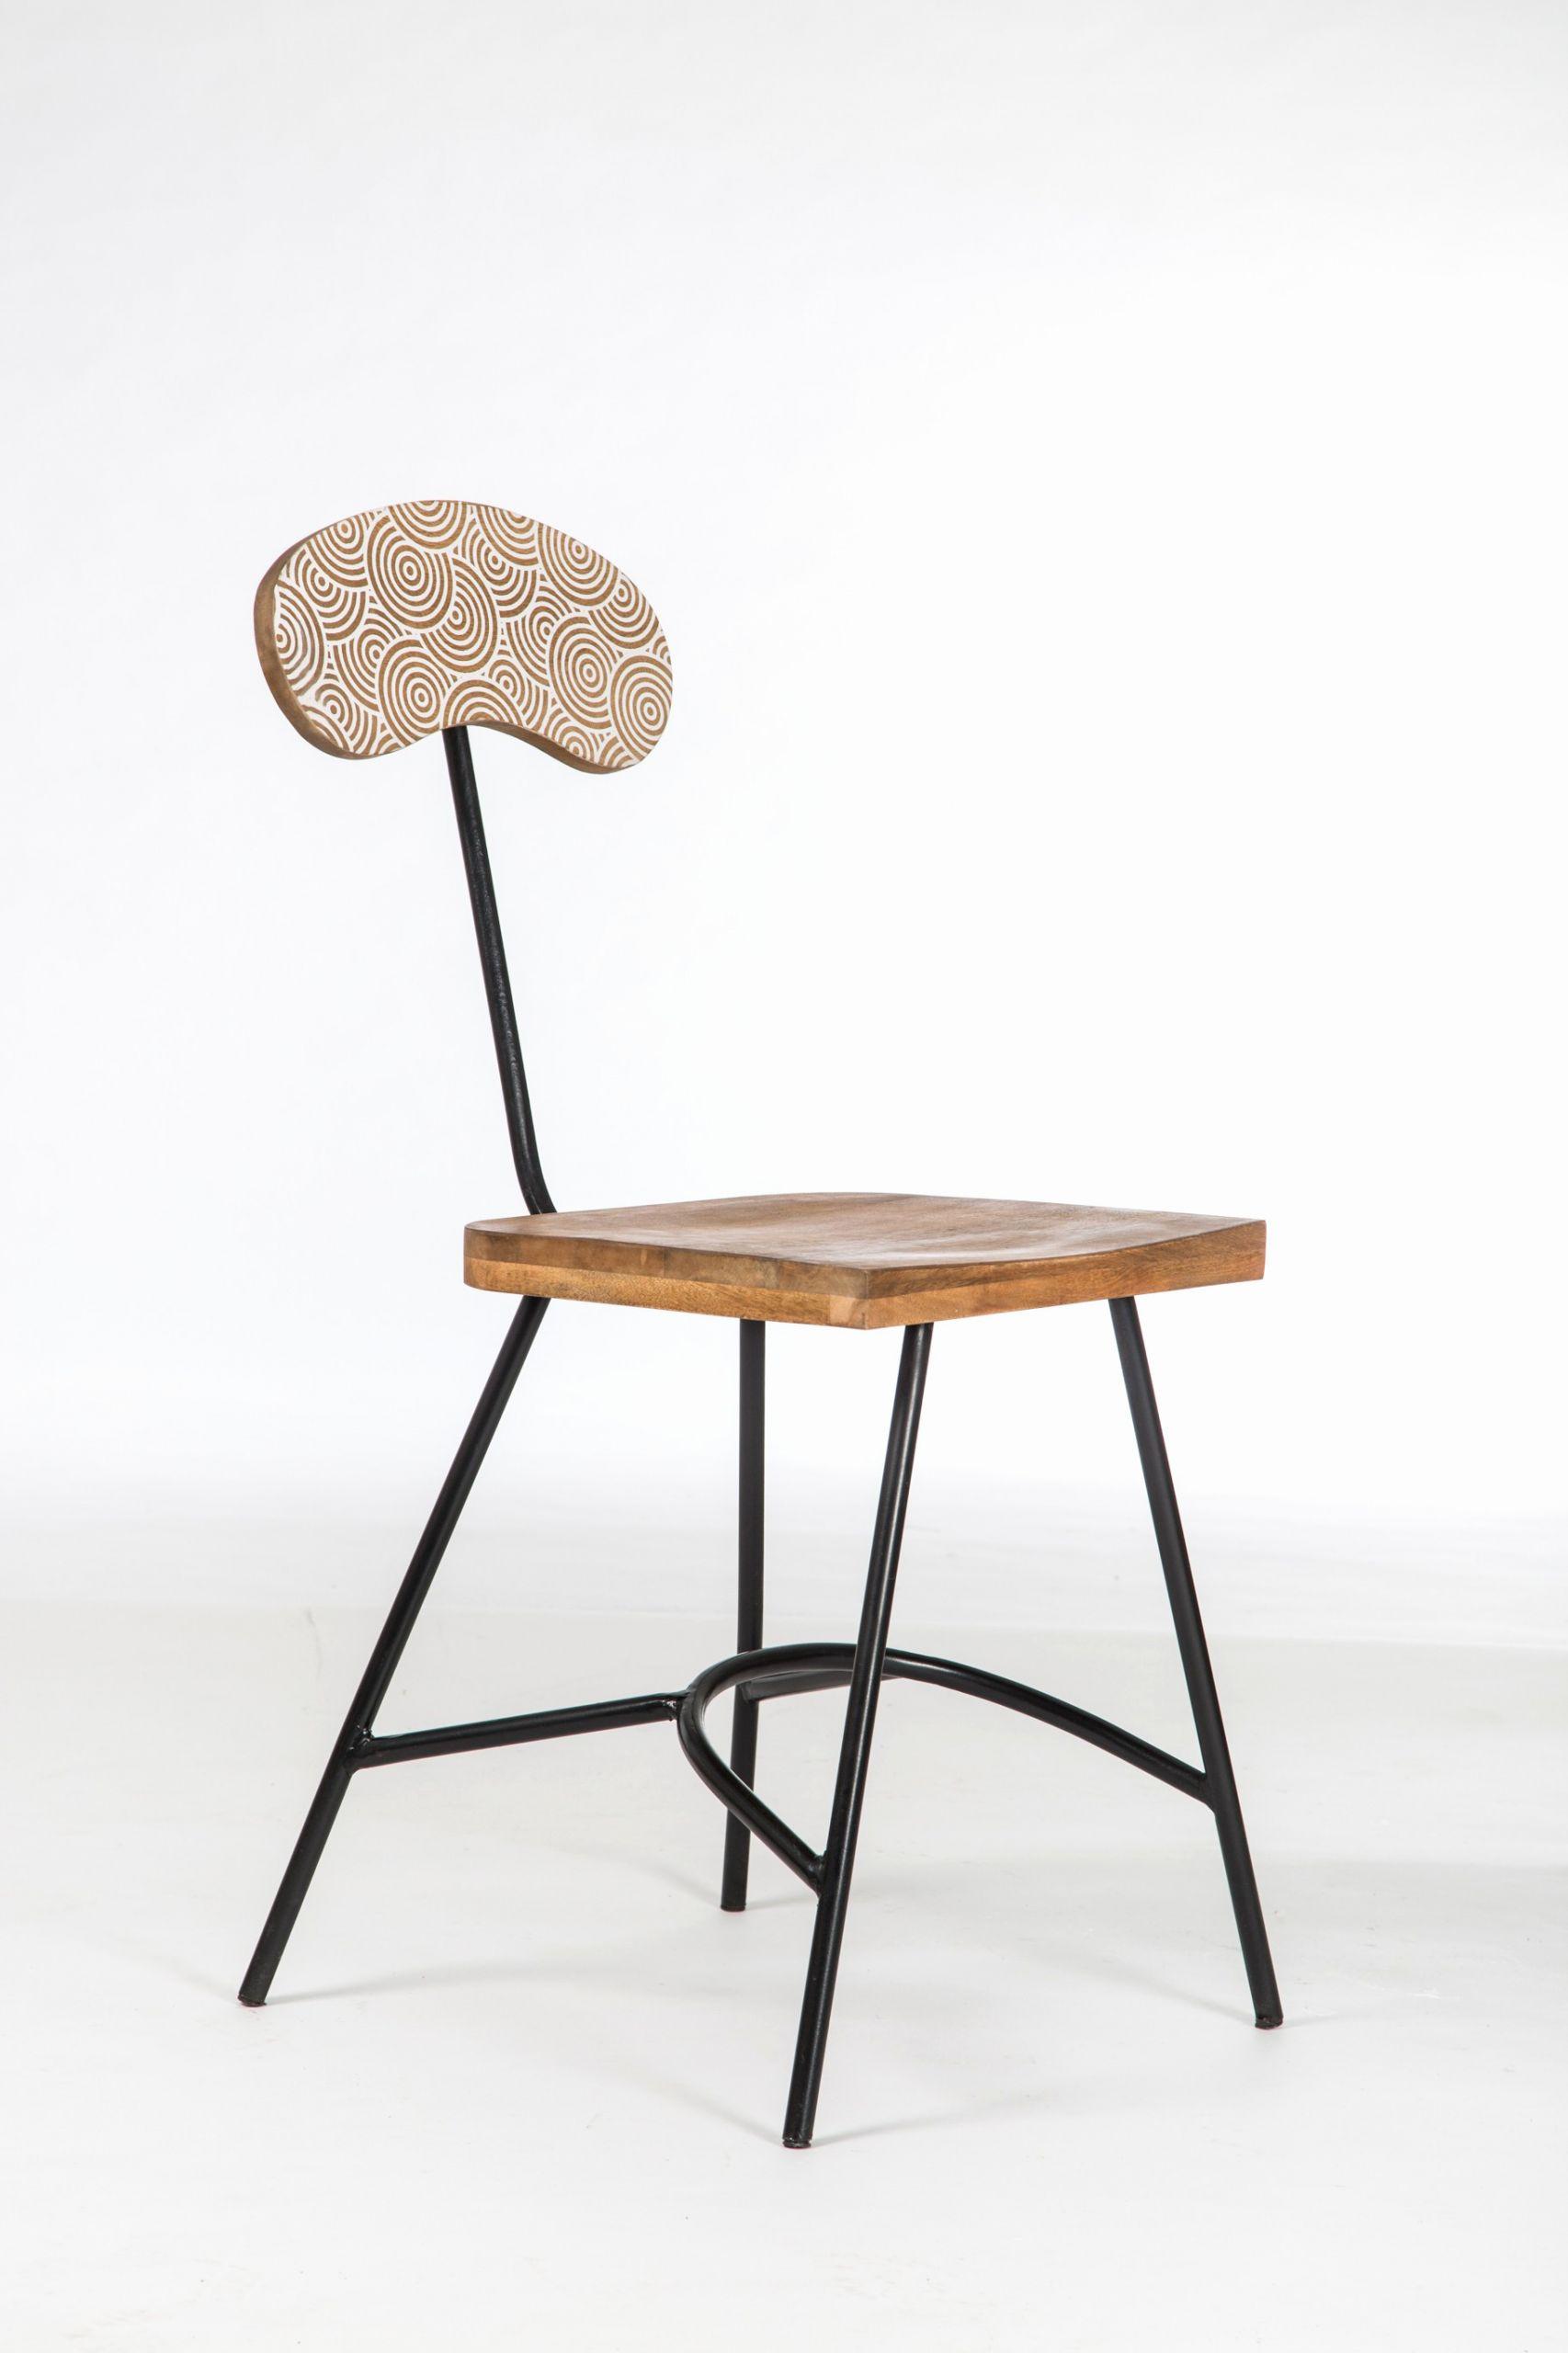 fauteuil de jardin en bois beau meuble bois et fer table de jardin rectangulaire chaise fer de fauteuil de jardin en bois scaled